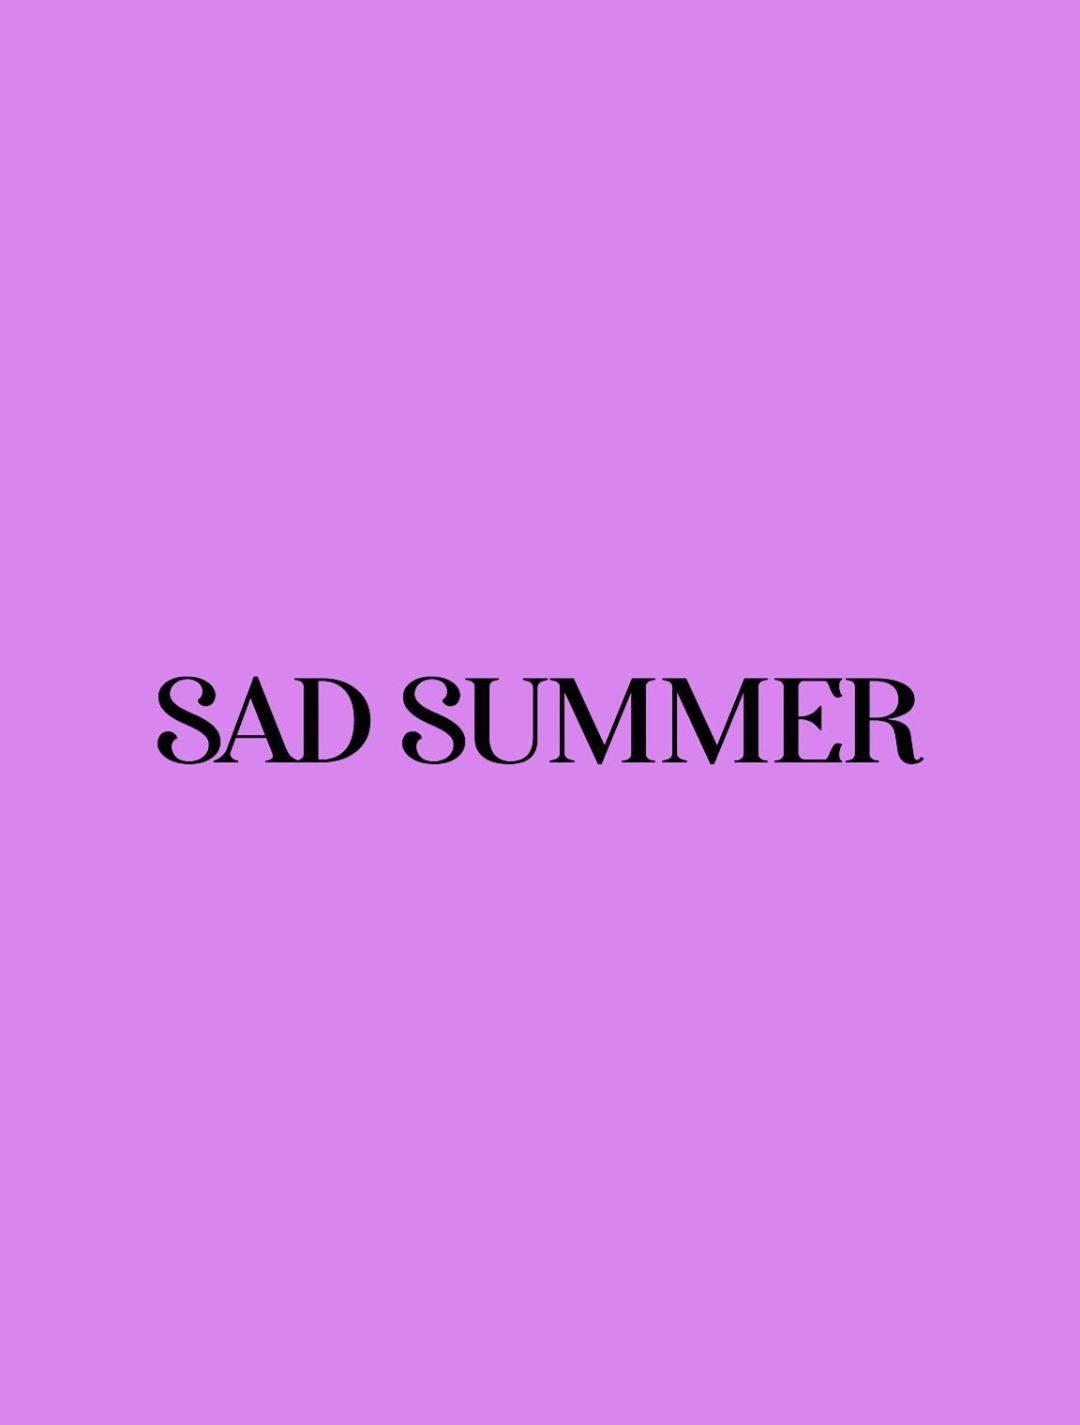 The Big Hash Sad Summer